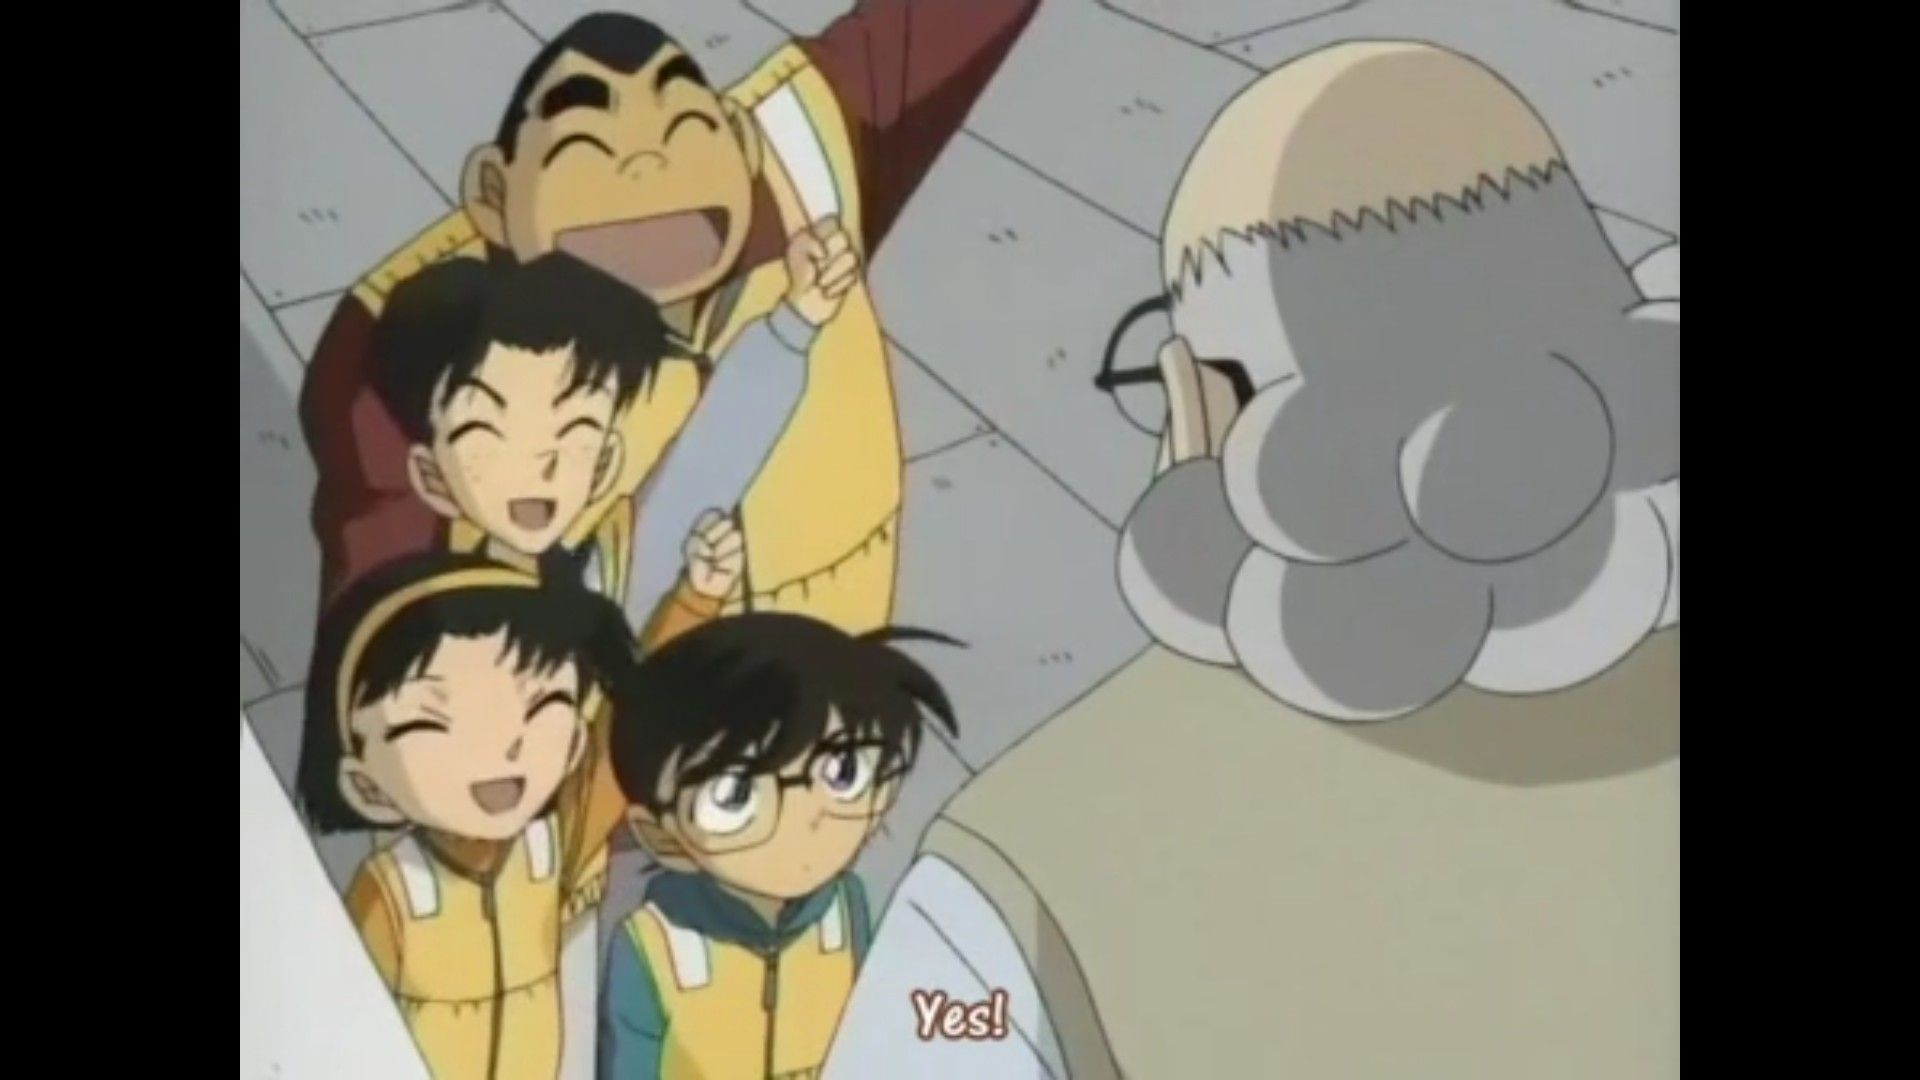 Pin by Yash Kulkarni on Detective Conan Anime, Character